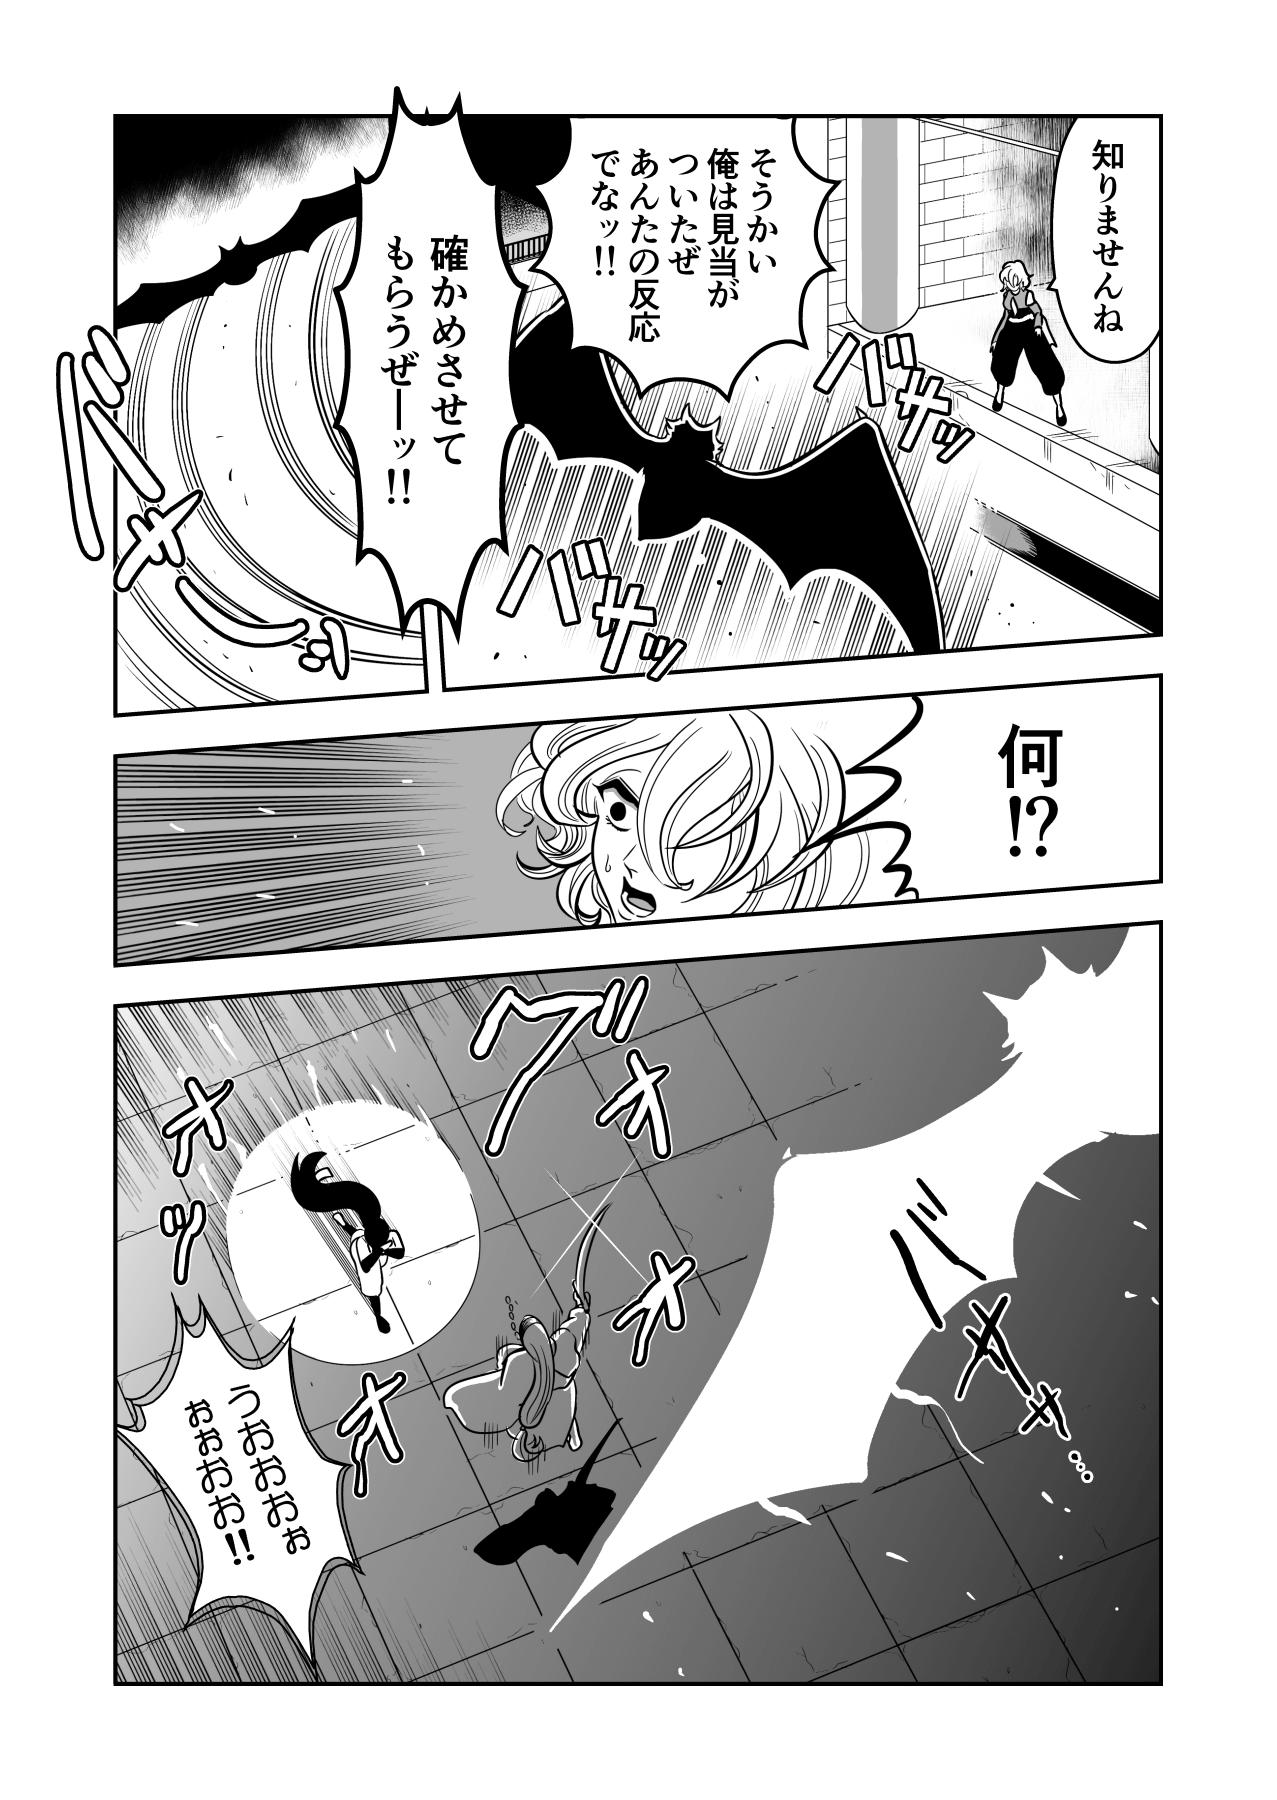 ヤサグレ魔女と第1王子と吸血鬼⑬ (8)-min